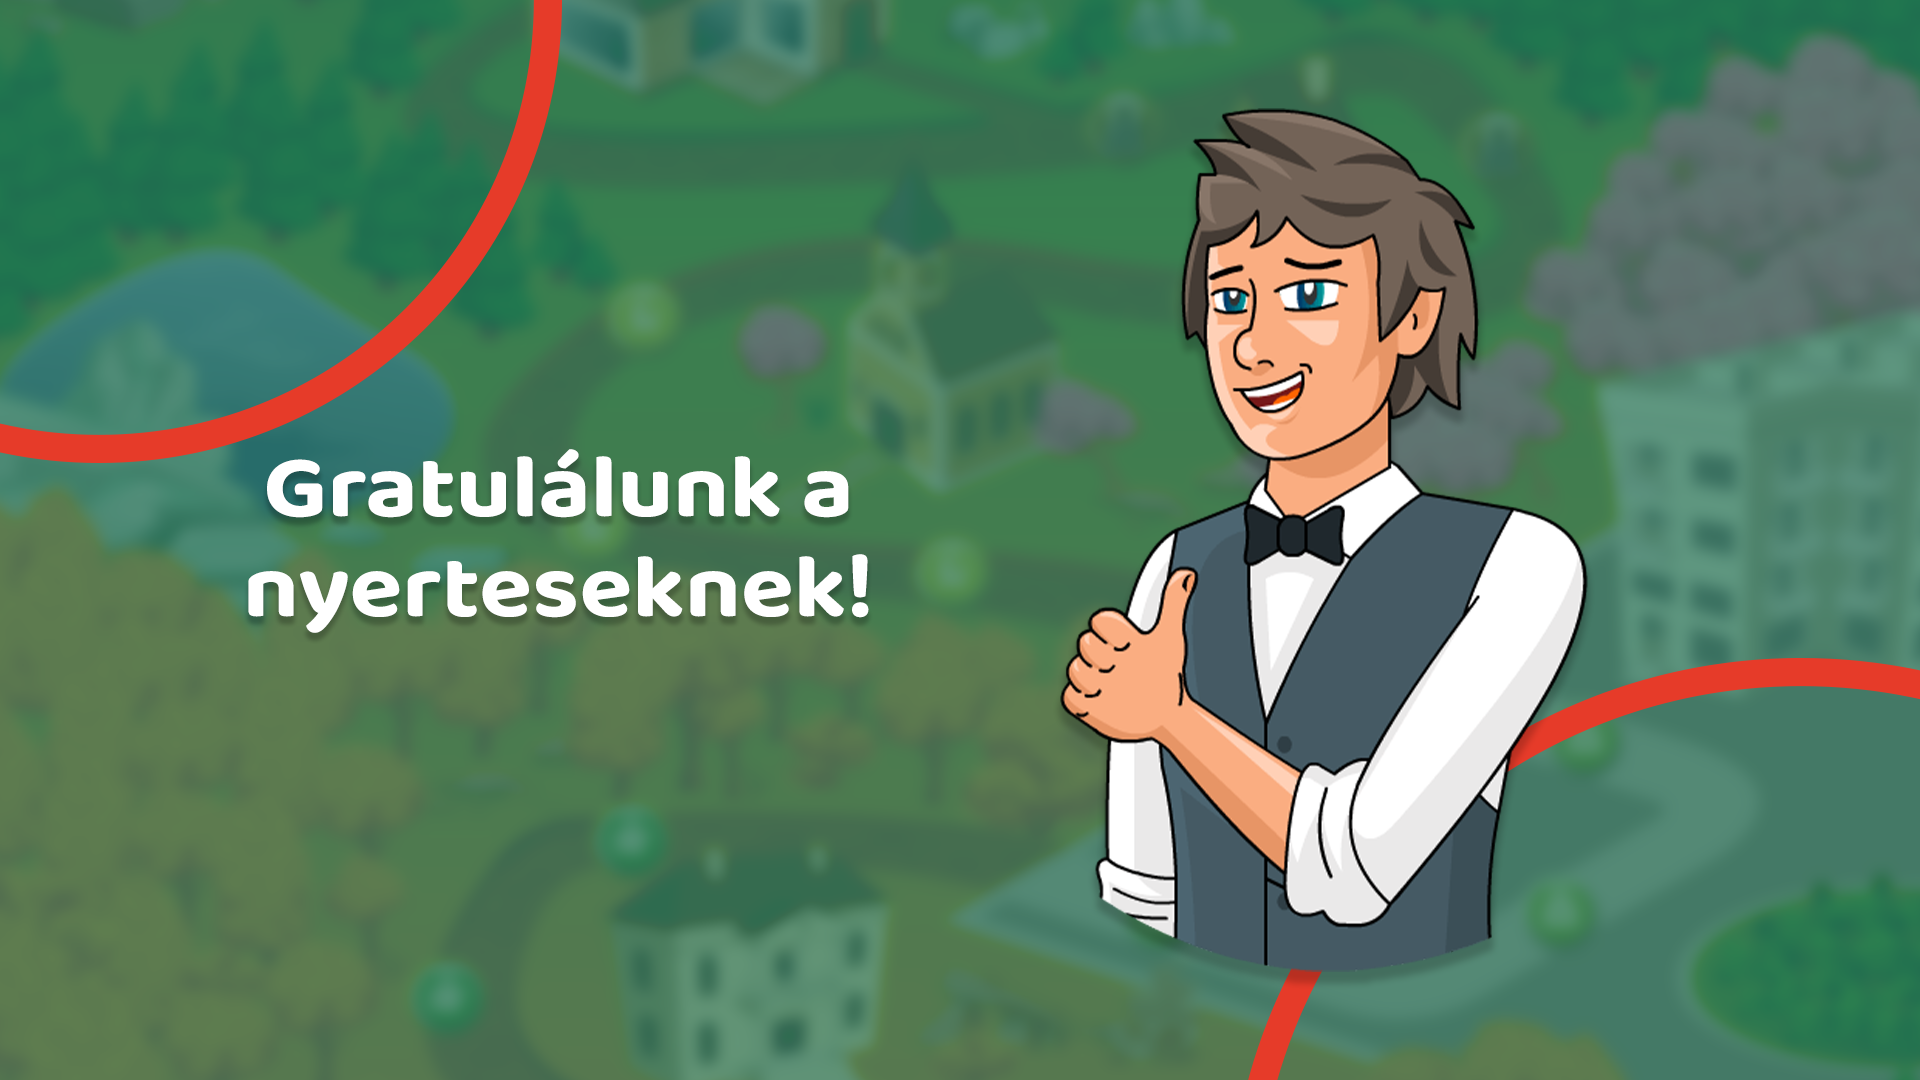 Gratulálunk a nyerteseknek!